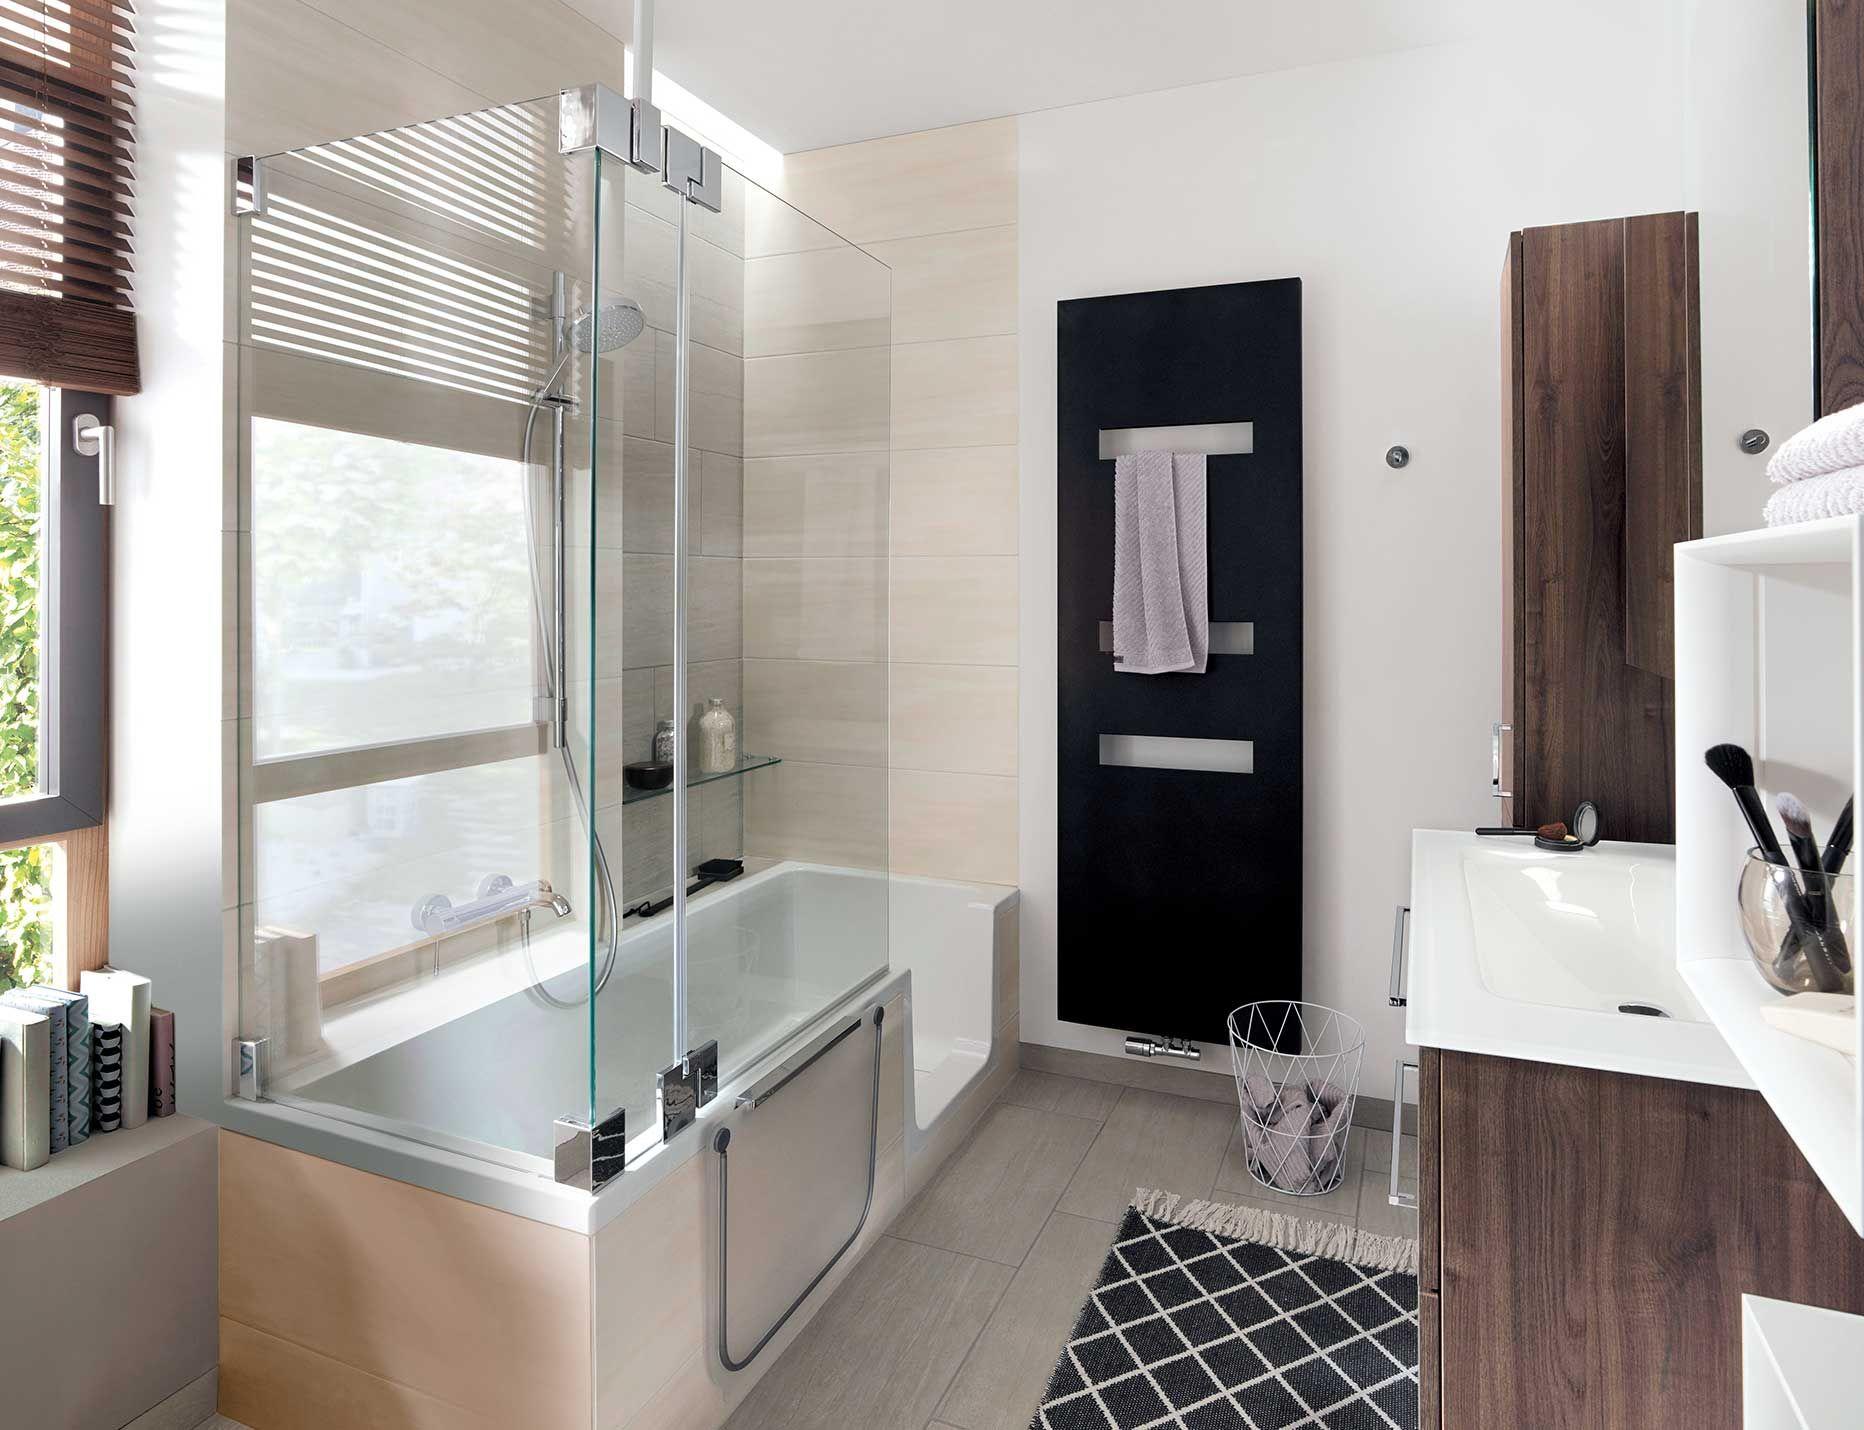 Kleines Badezimmer Ohne Badewanne Dekoideen Bad Selber Machen